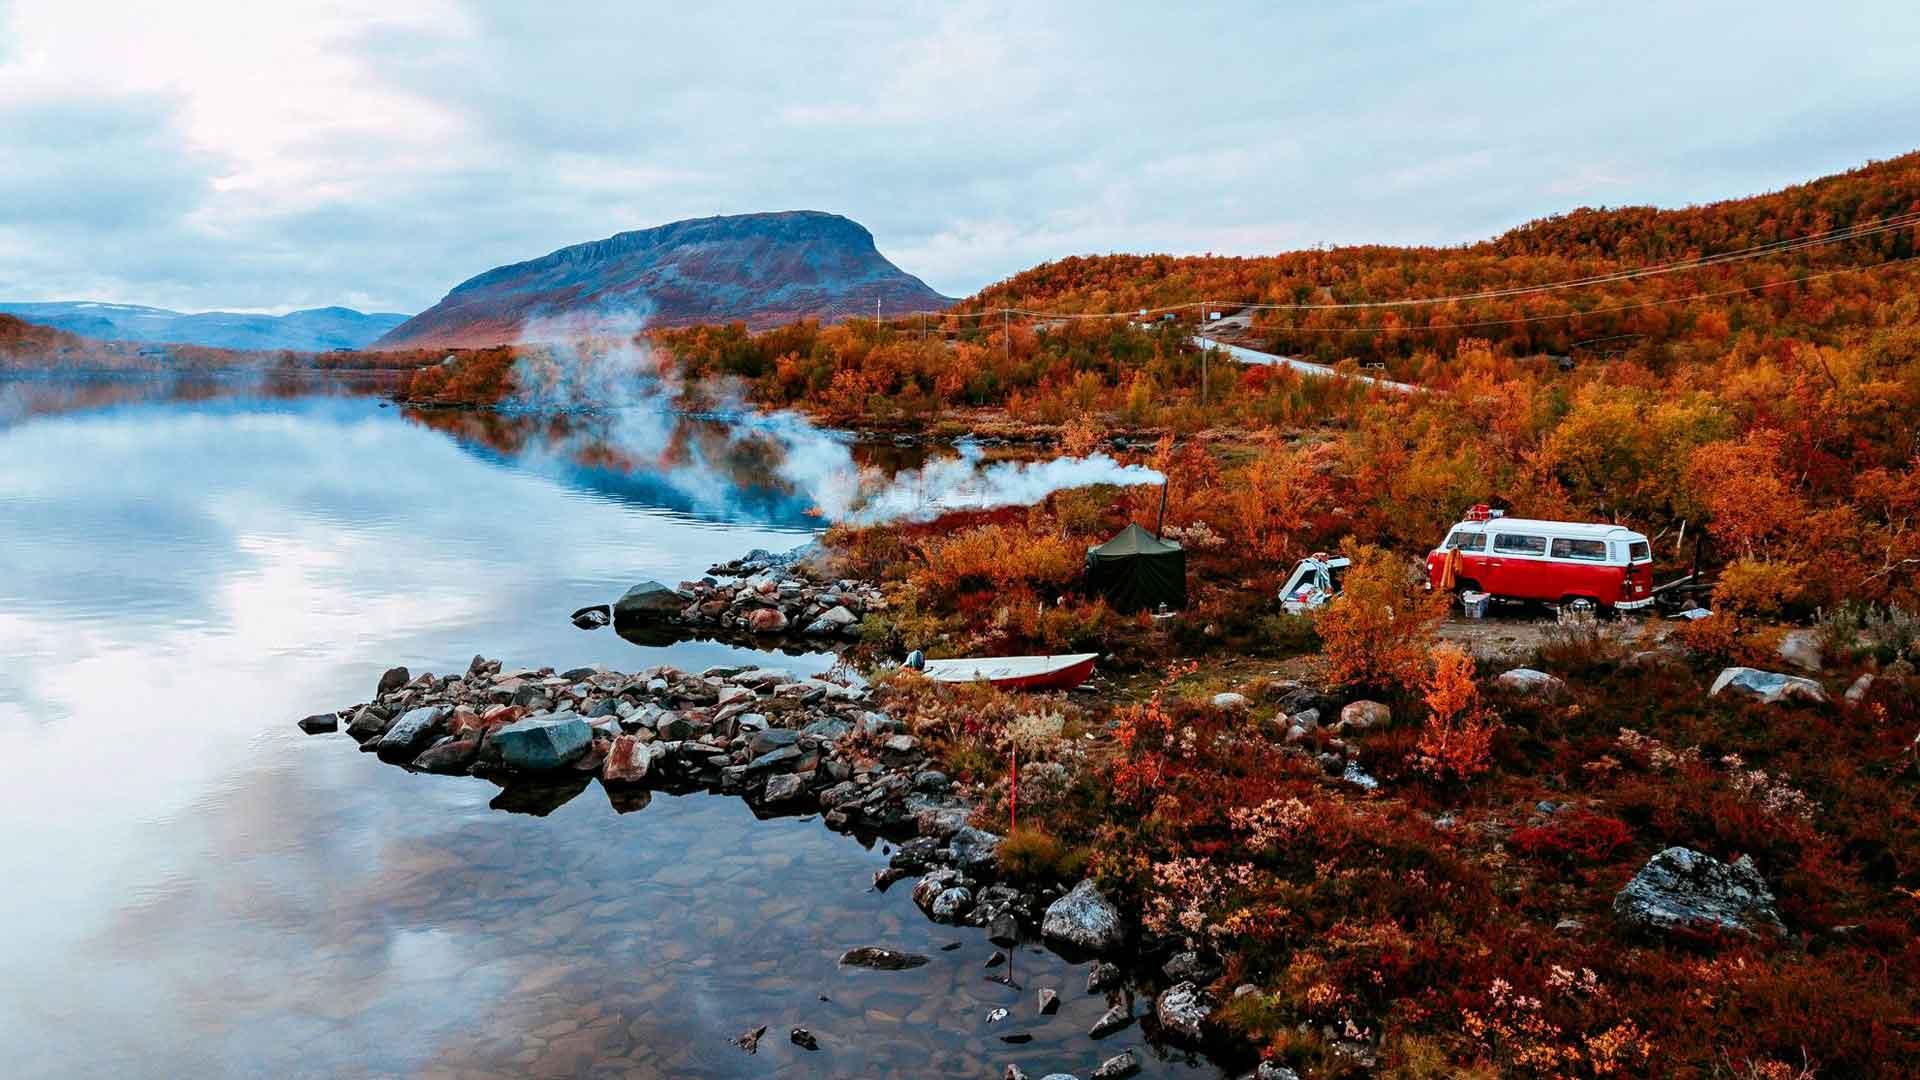 Kilpisjärven rannalta veneenlaskupaikan vierestä löytyi sopivasti tilaa autolle ja telttasaunalle.